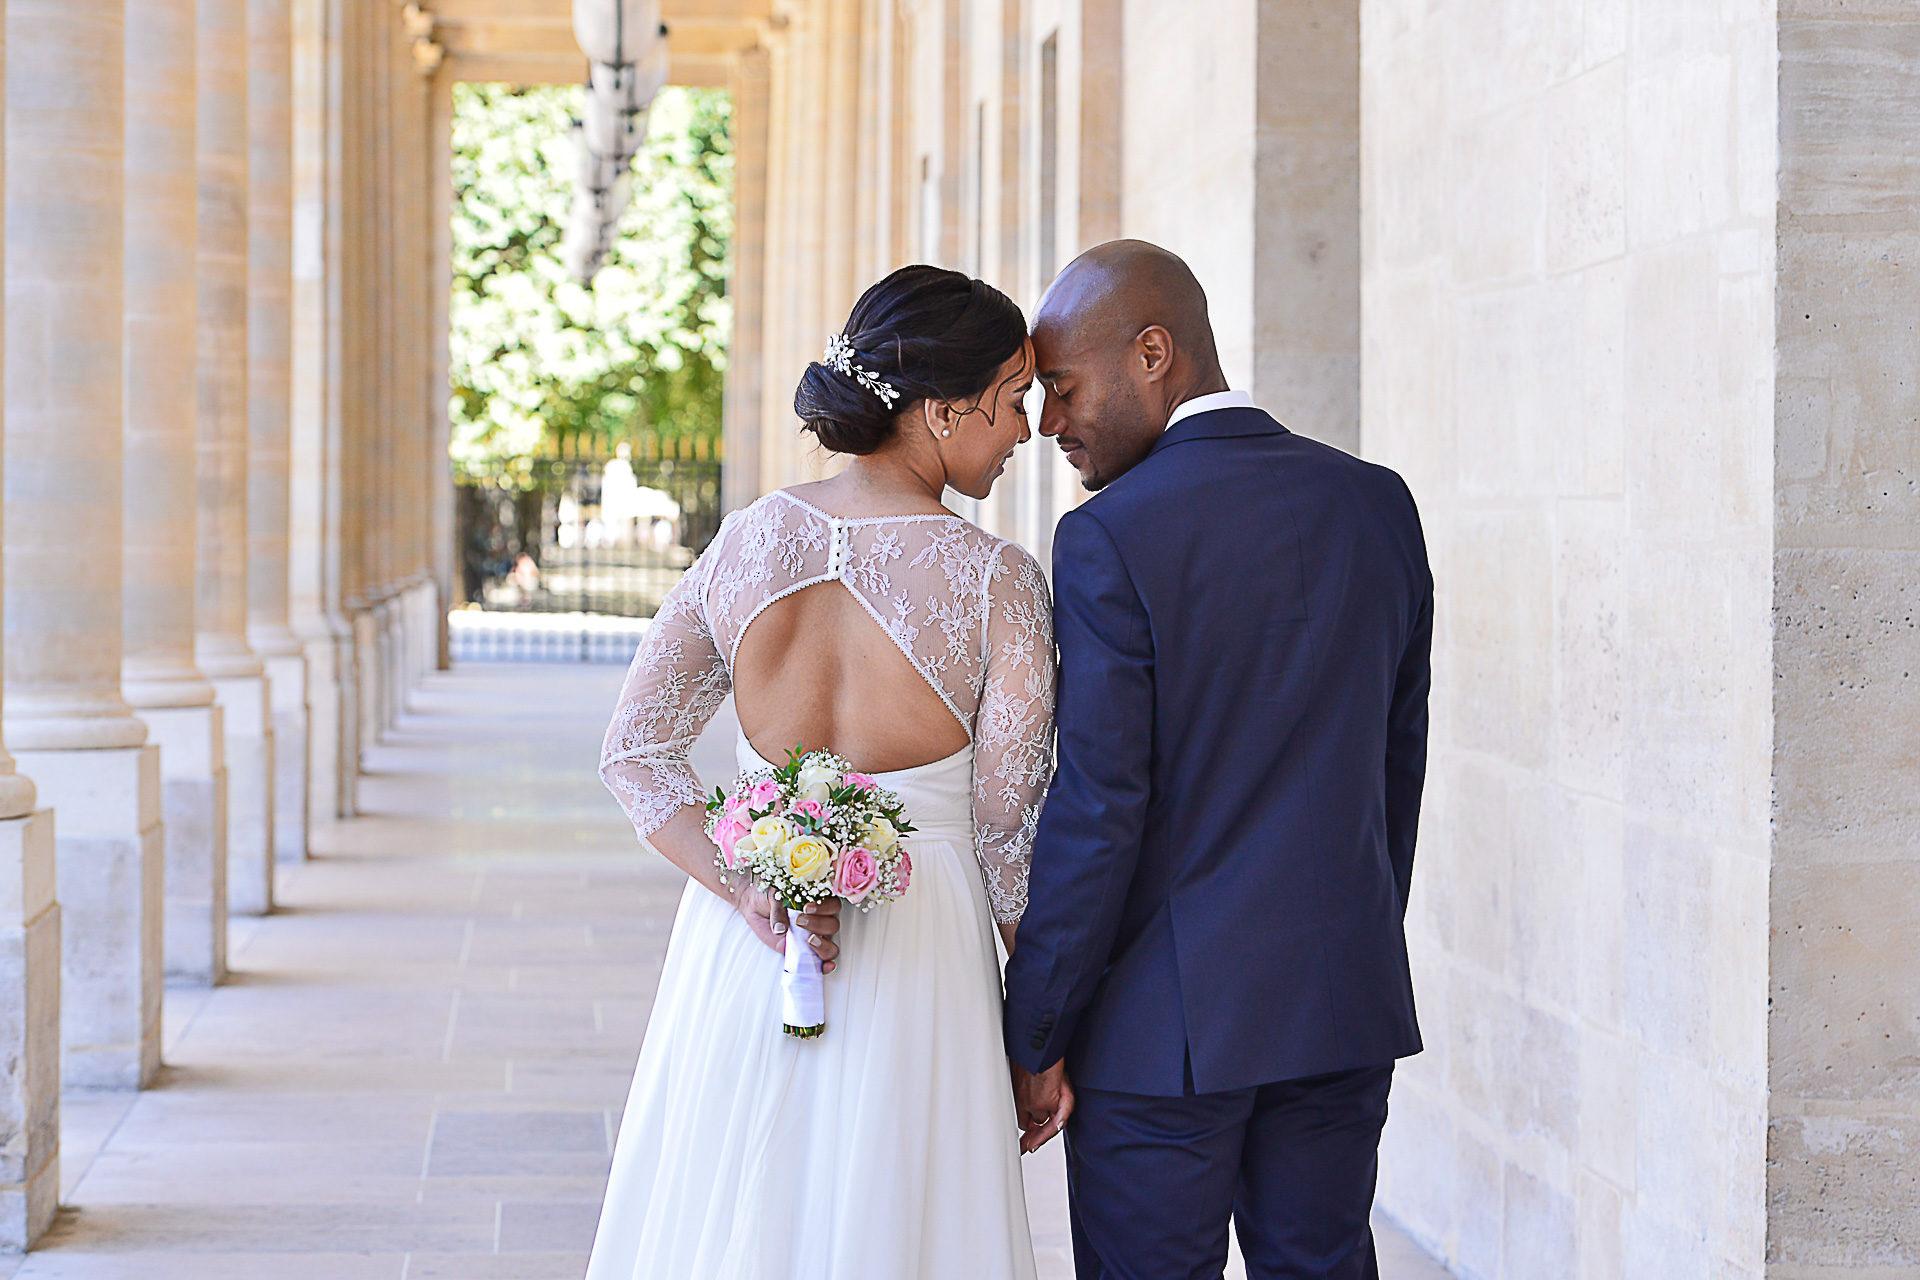 photographe-mariage-paris-jardin-louvre-portraits-maries